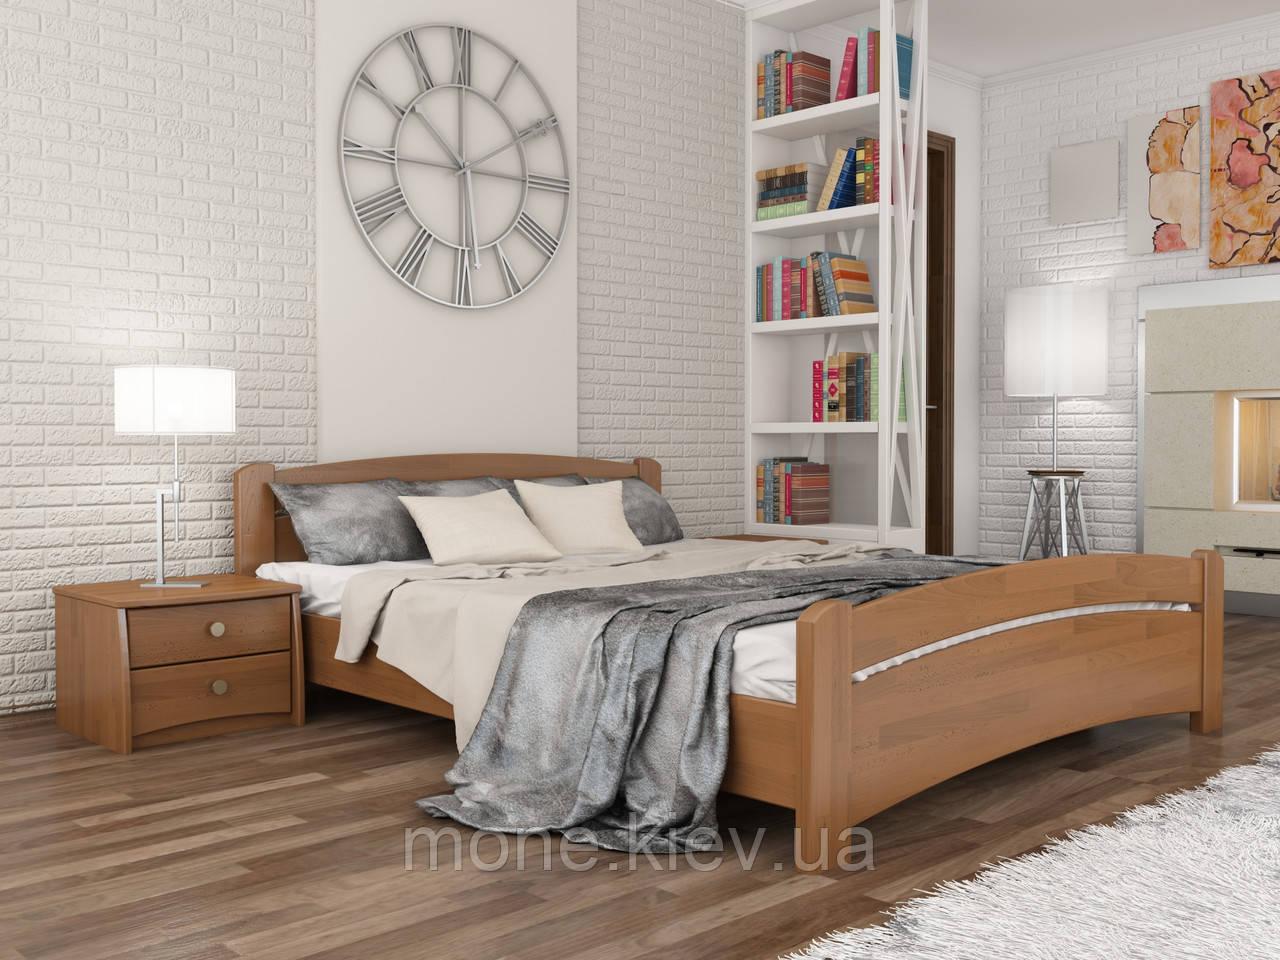 Ліжко полуторне Венеція дерев'яні з бука